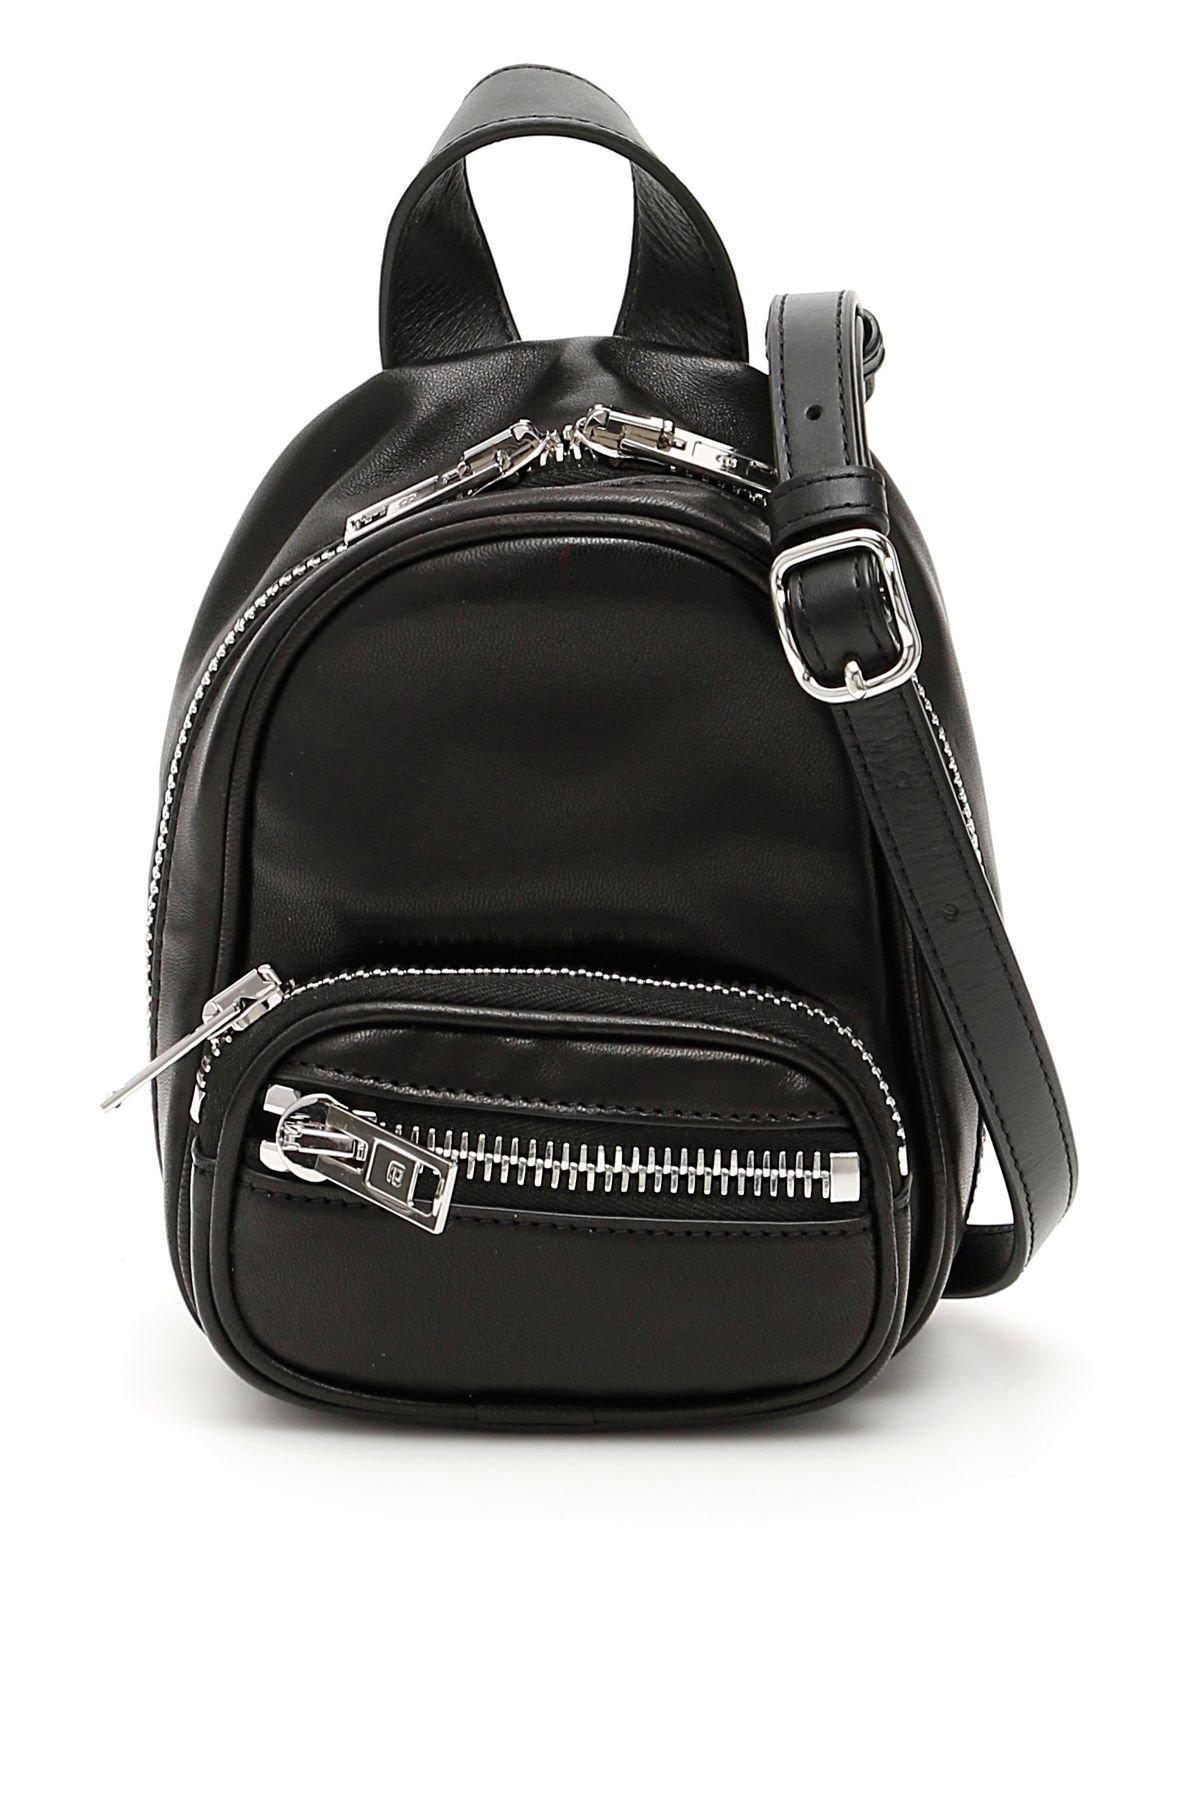 Alexander Wang Mini Attica Crossbody Bag